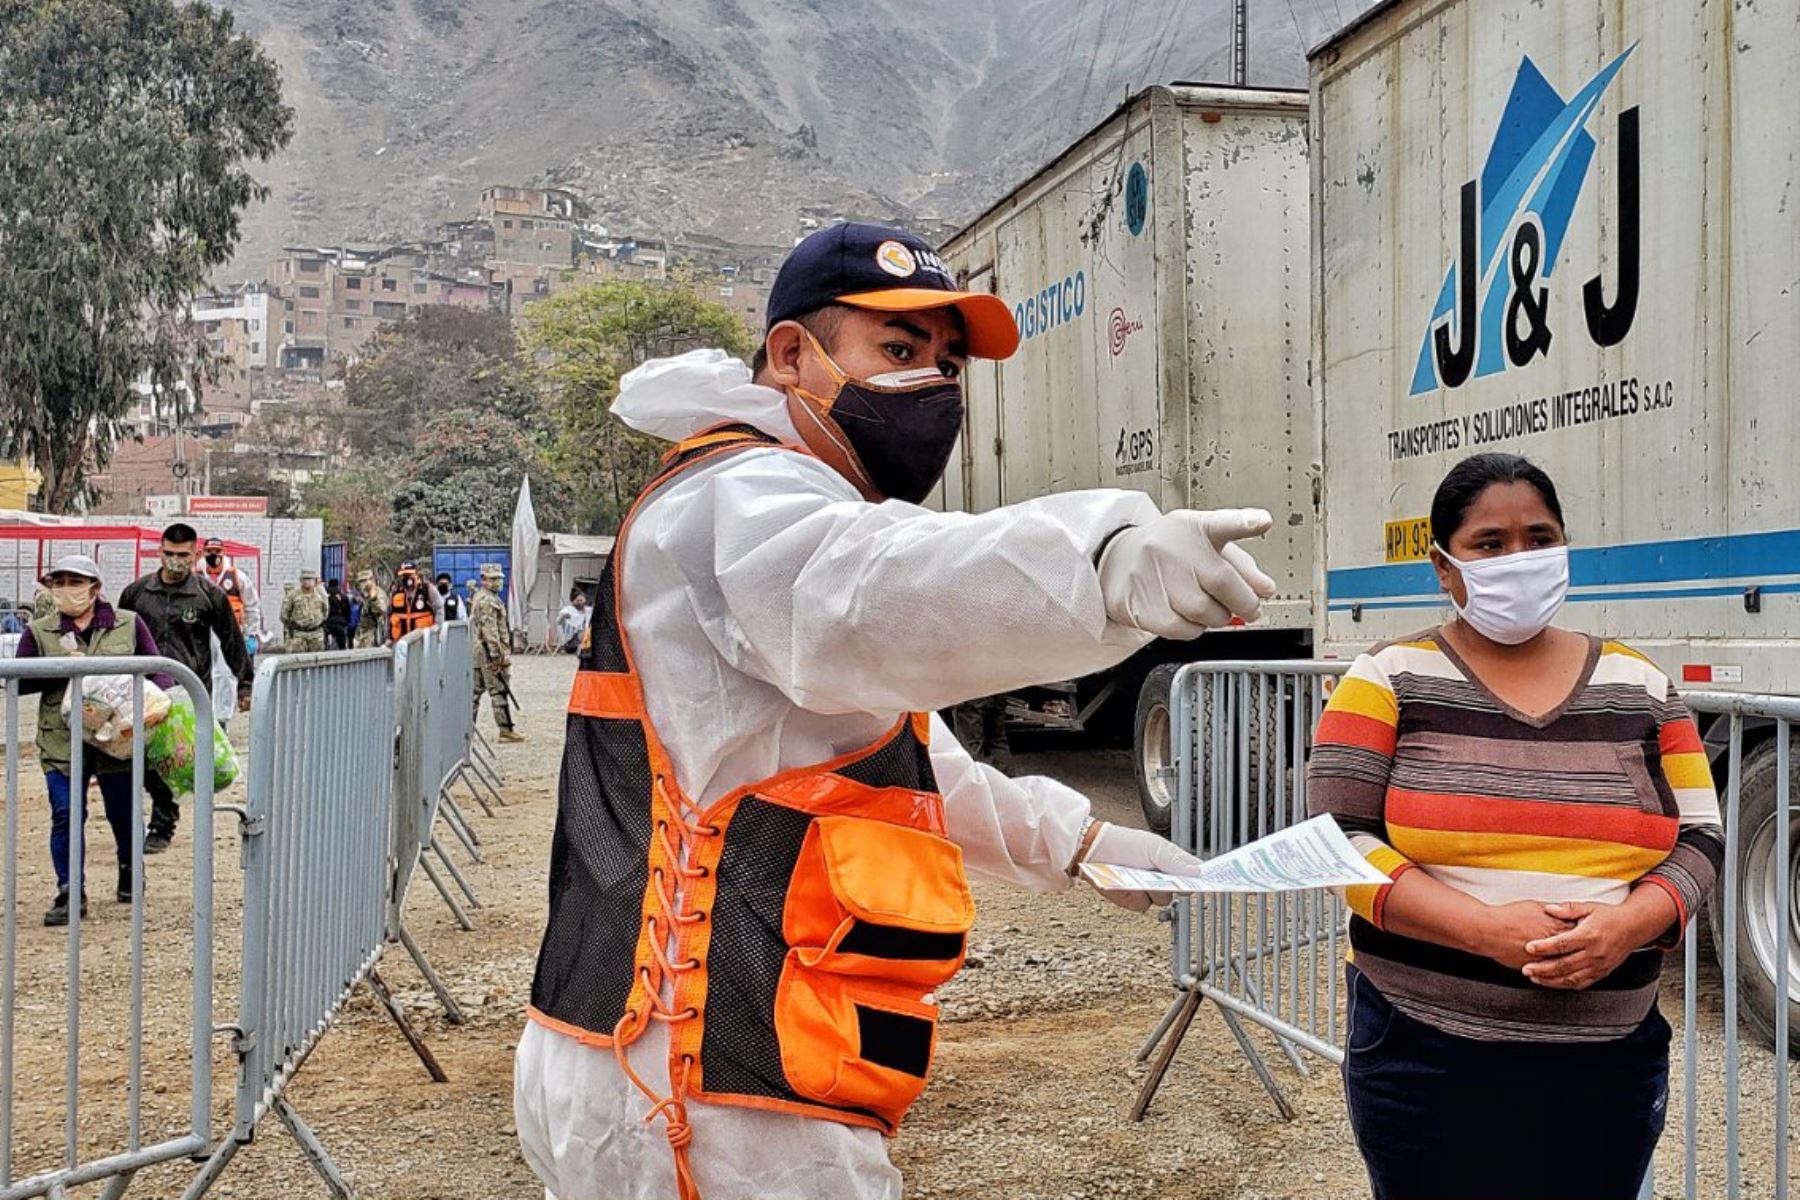 Indeci , PCM , Ejercito del Perú y Municipalidad del Rimac  entregan 3,464 kits de alimentos a familias con mayor vulnerabilidad ante la covid 19 de acuerdo al D.U. N° 068-2020,  la entrega se realizó en el Estadio Alejandro Villanueva en el Rímac Foto: Indeci